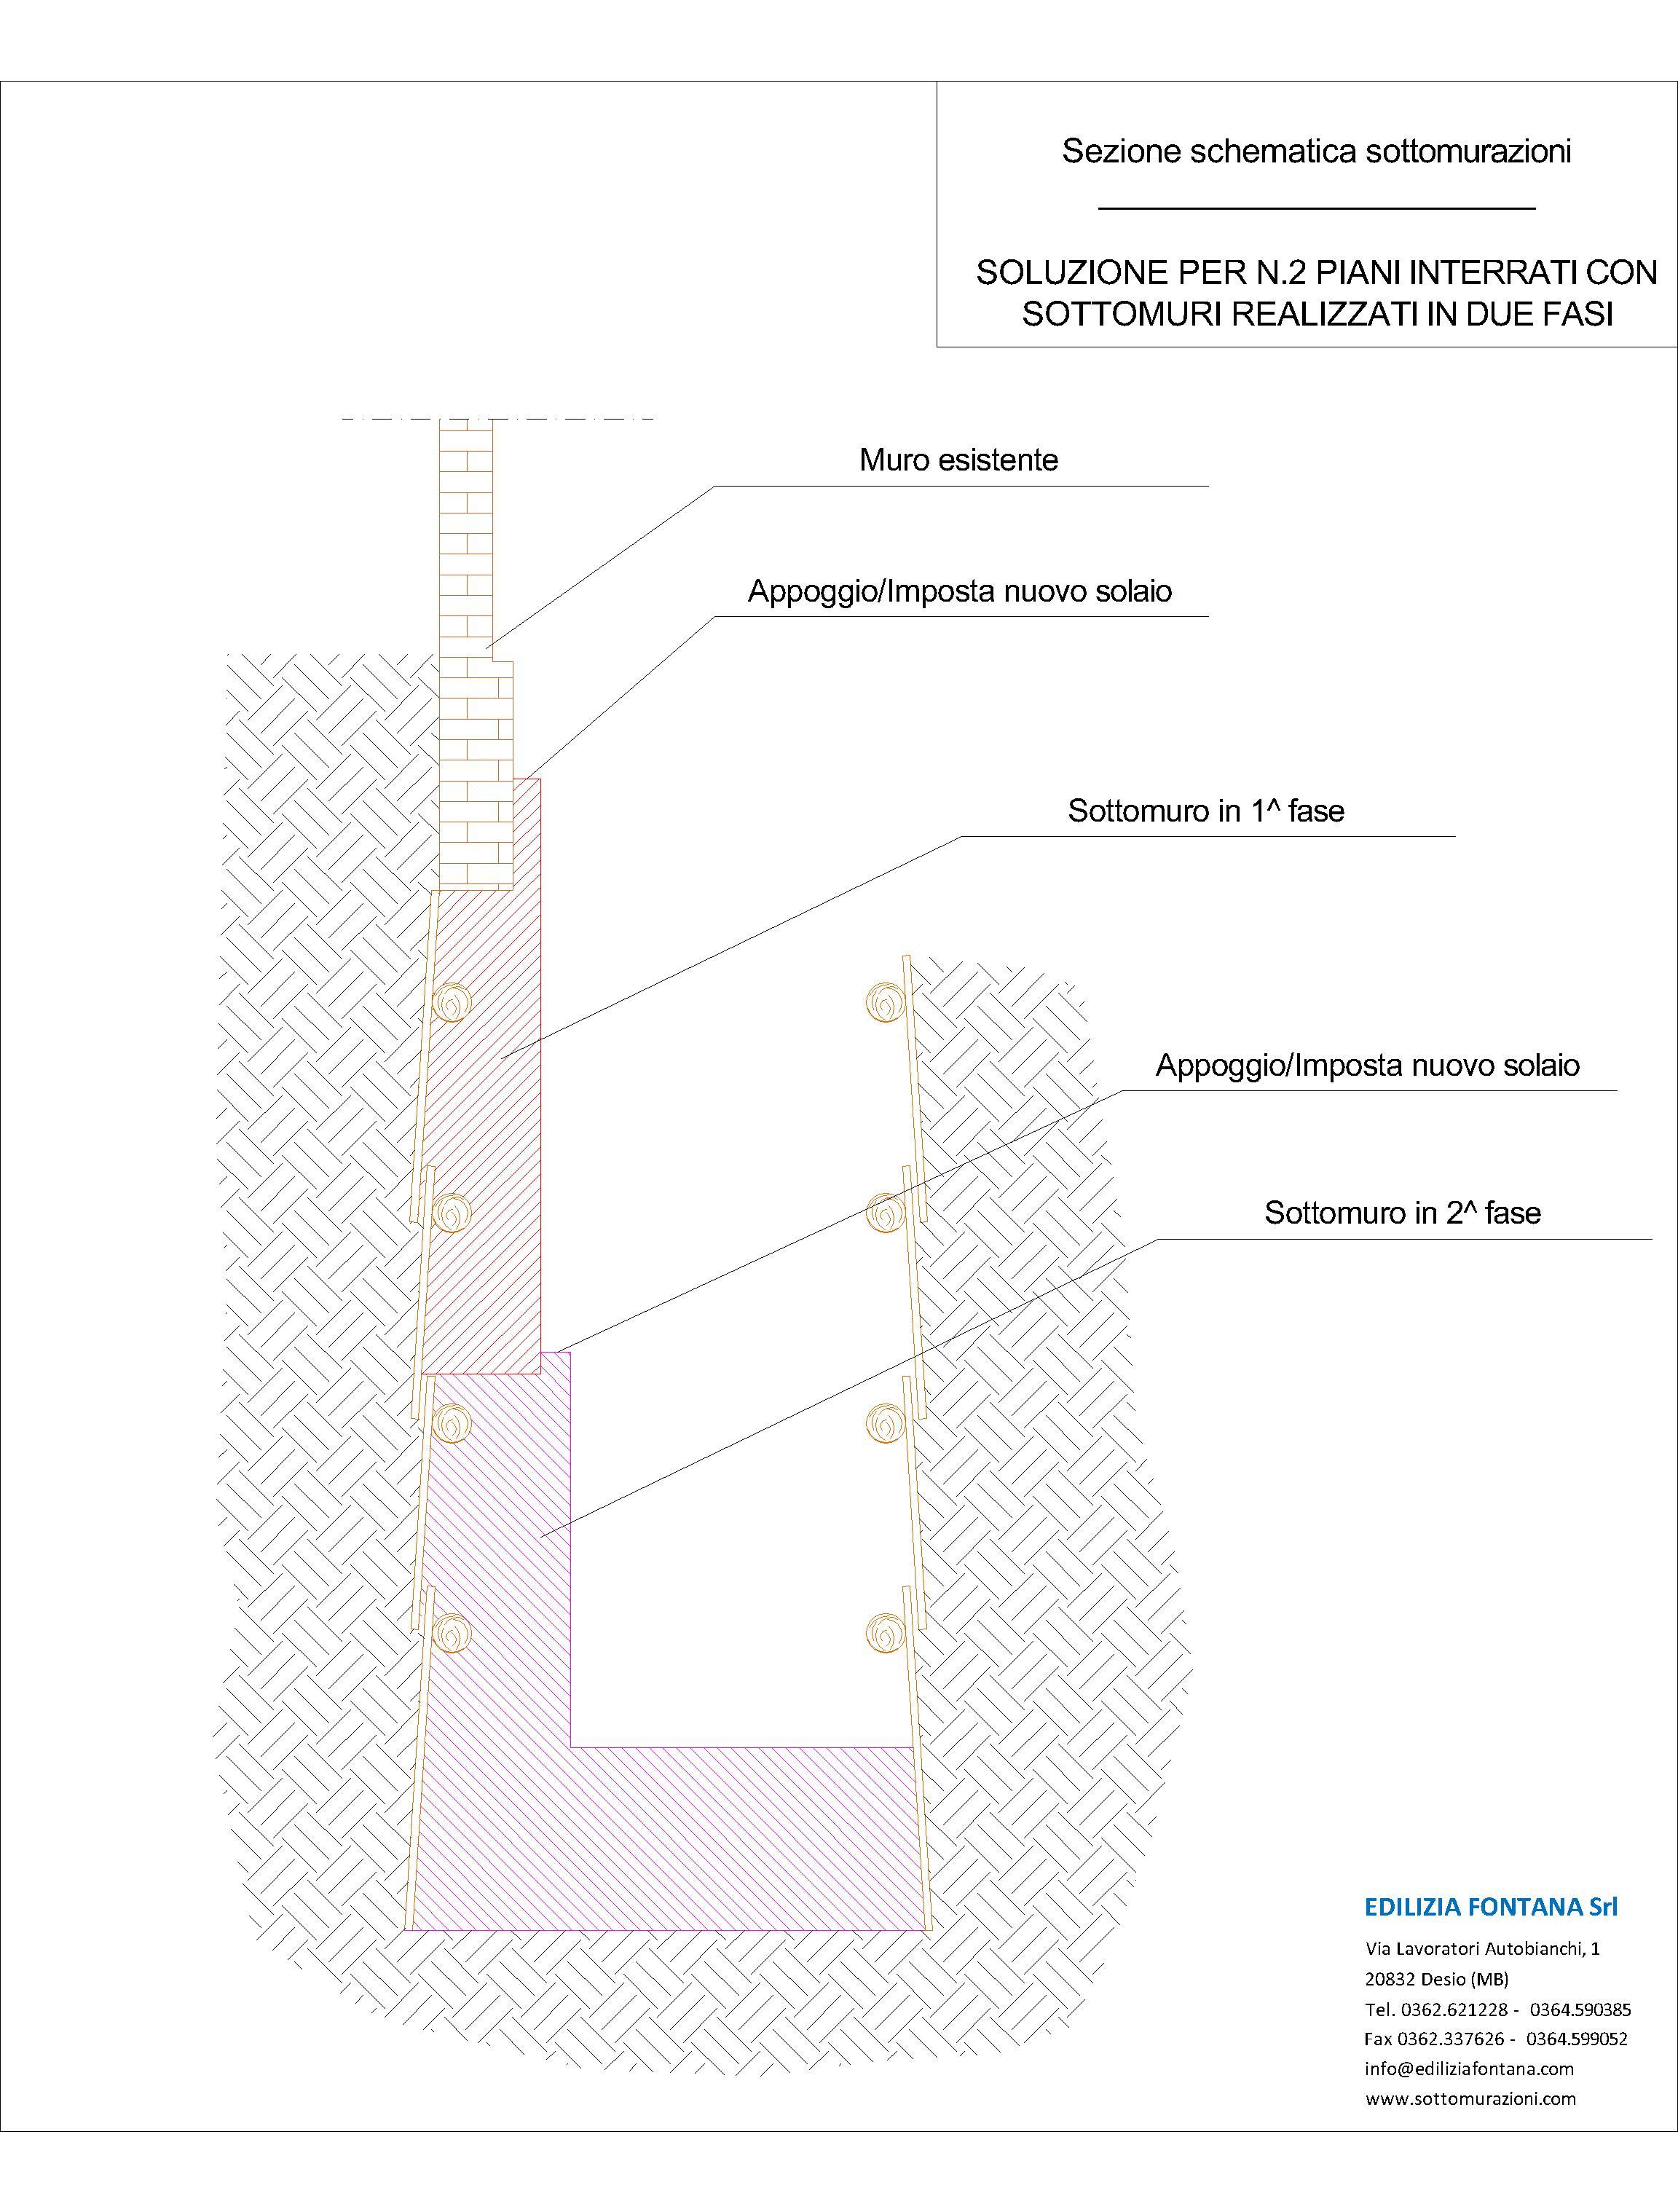 specializzati in sottomurazioni edilizia fontana sottomurazioni e scavi armati edilizia fontana sottomurazioni 06